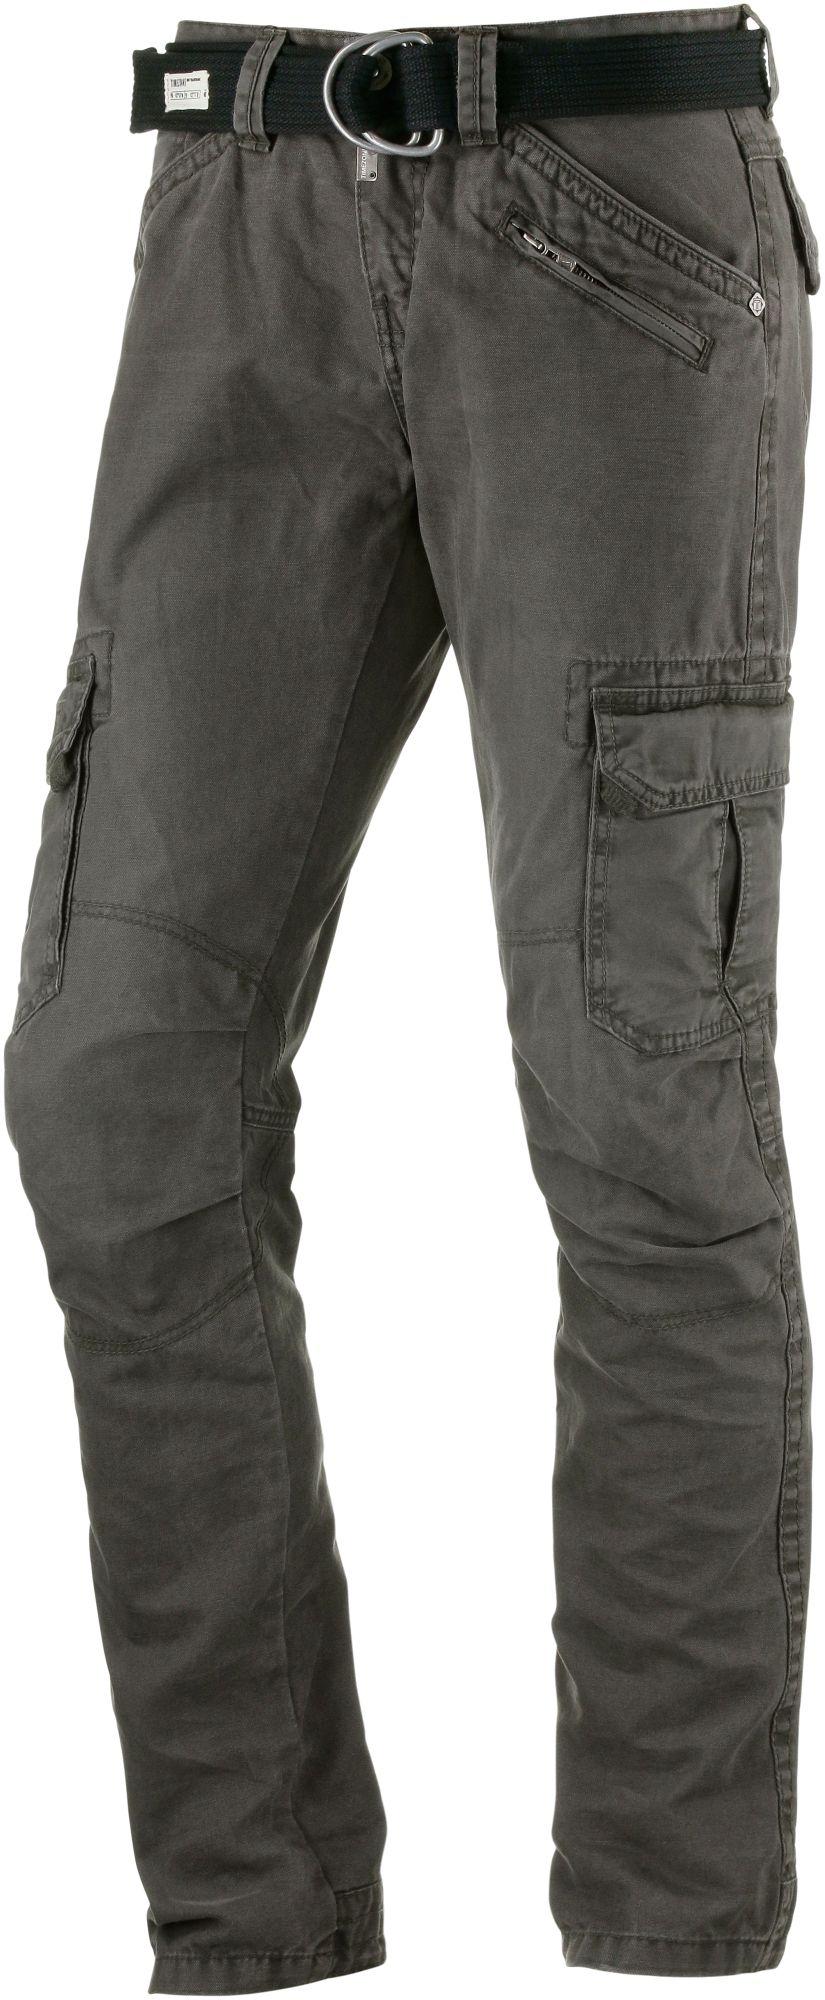 cargohose herren jeans preisvergleiche erfahrungsberichte und kauf bei nextag. Black Bedroom Furniture Sets. Home Design Ideas